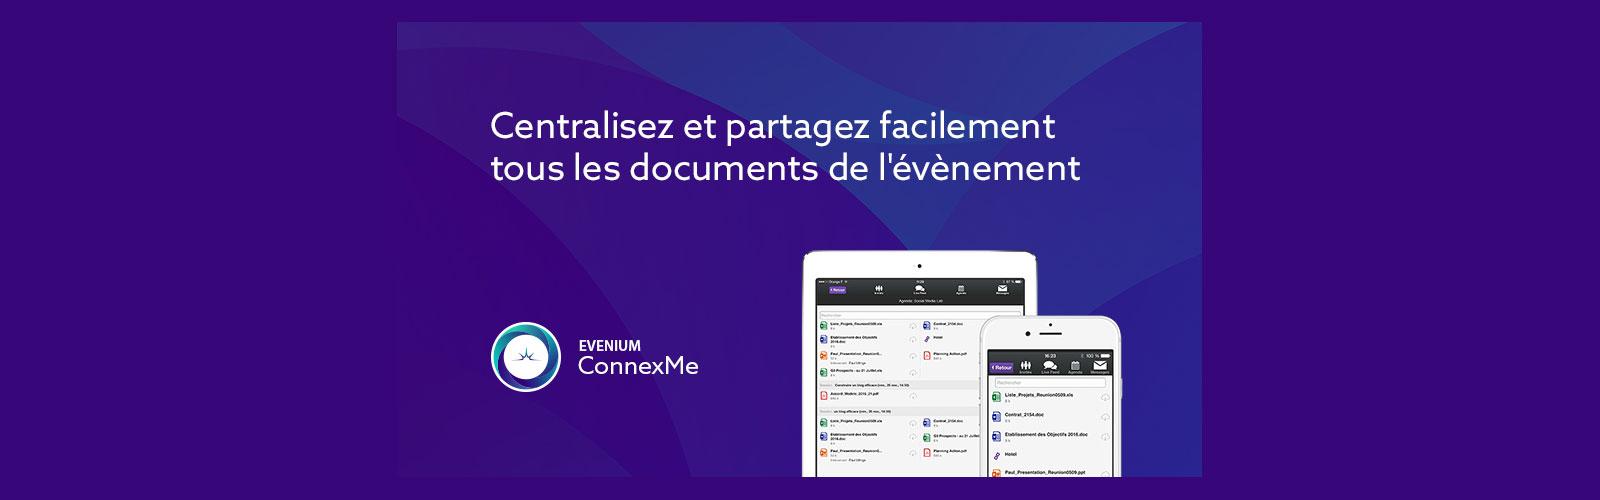 evenium-connexMe